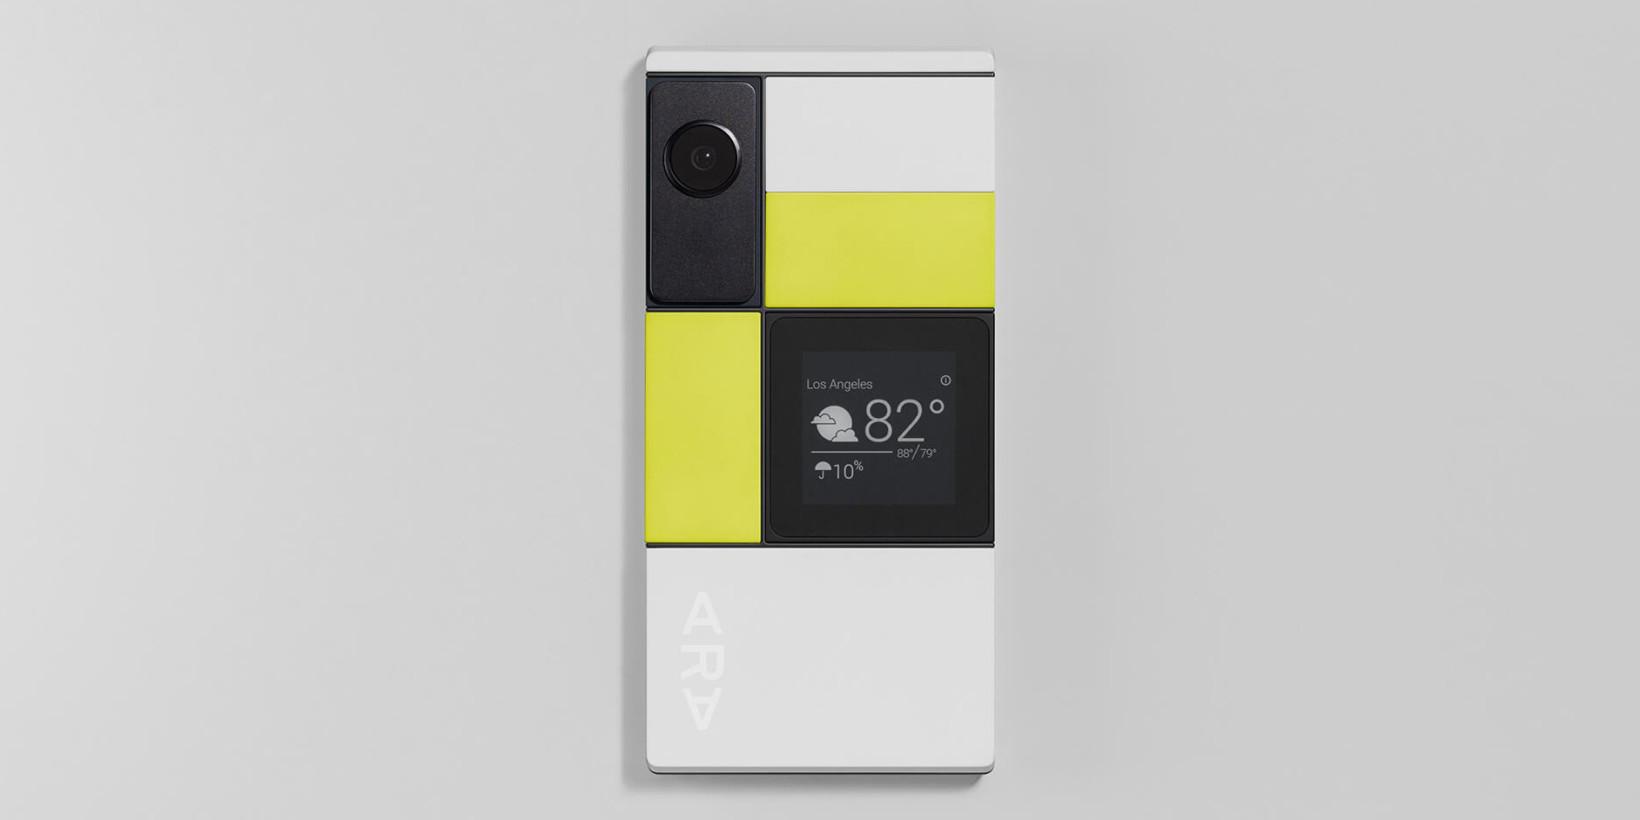 Project-Ara-smartphone-partes